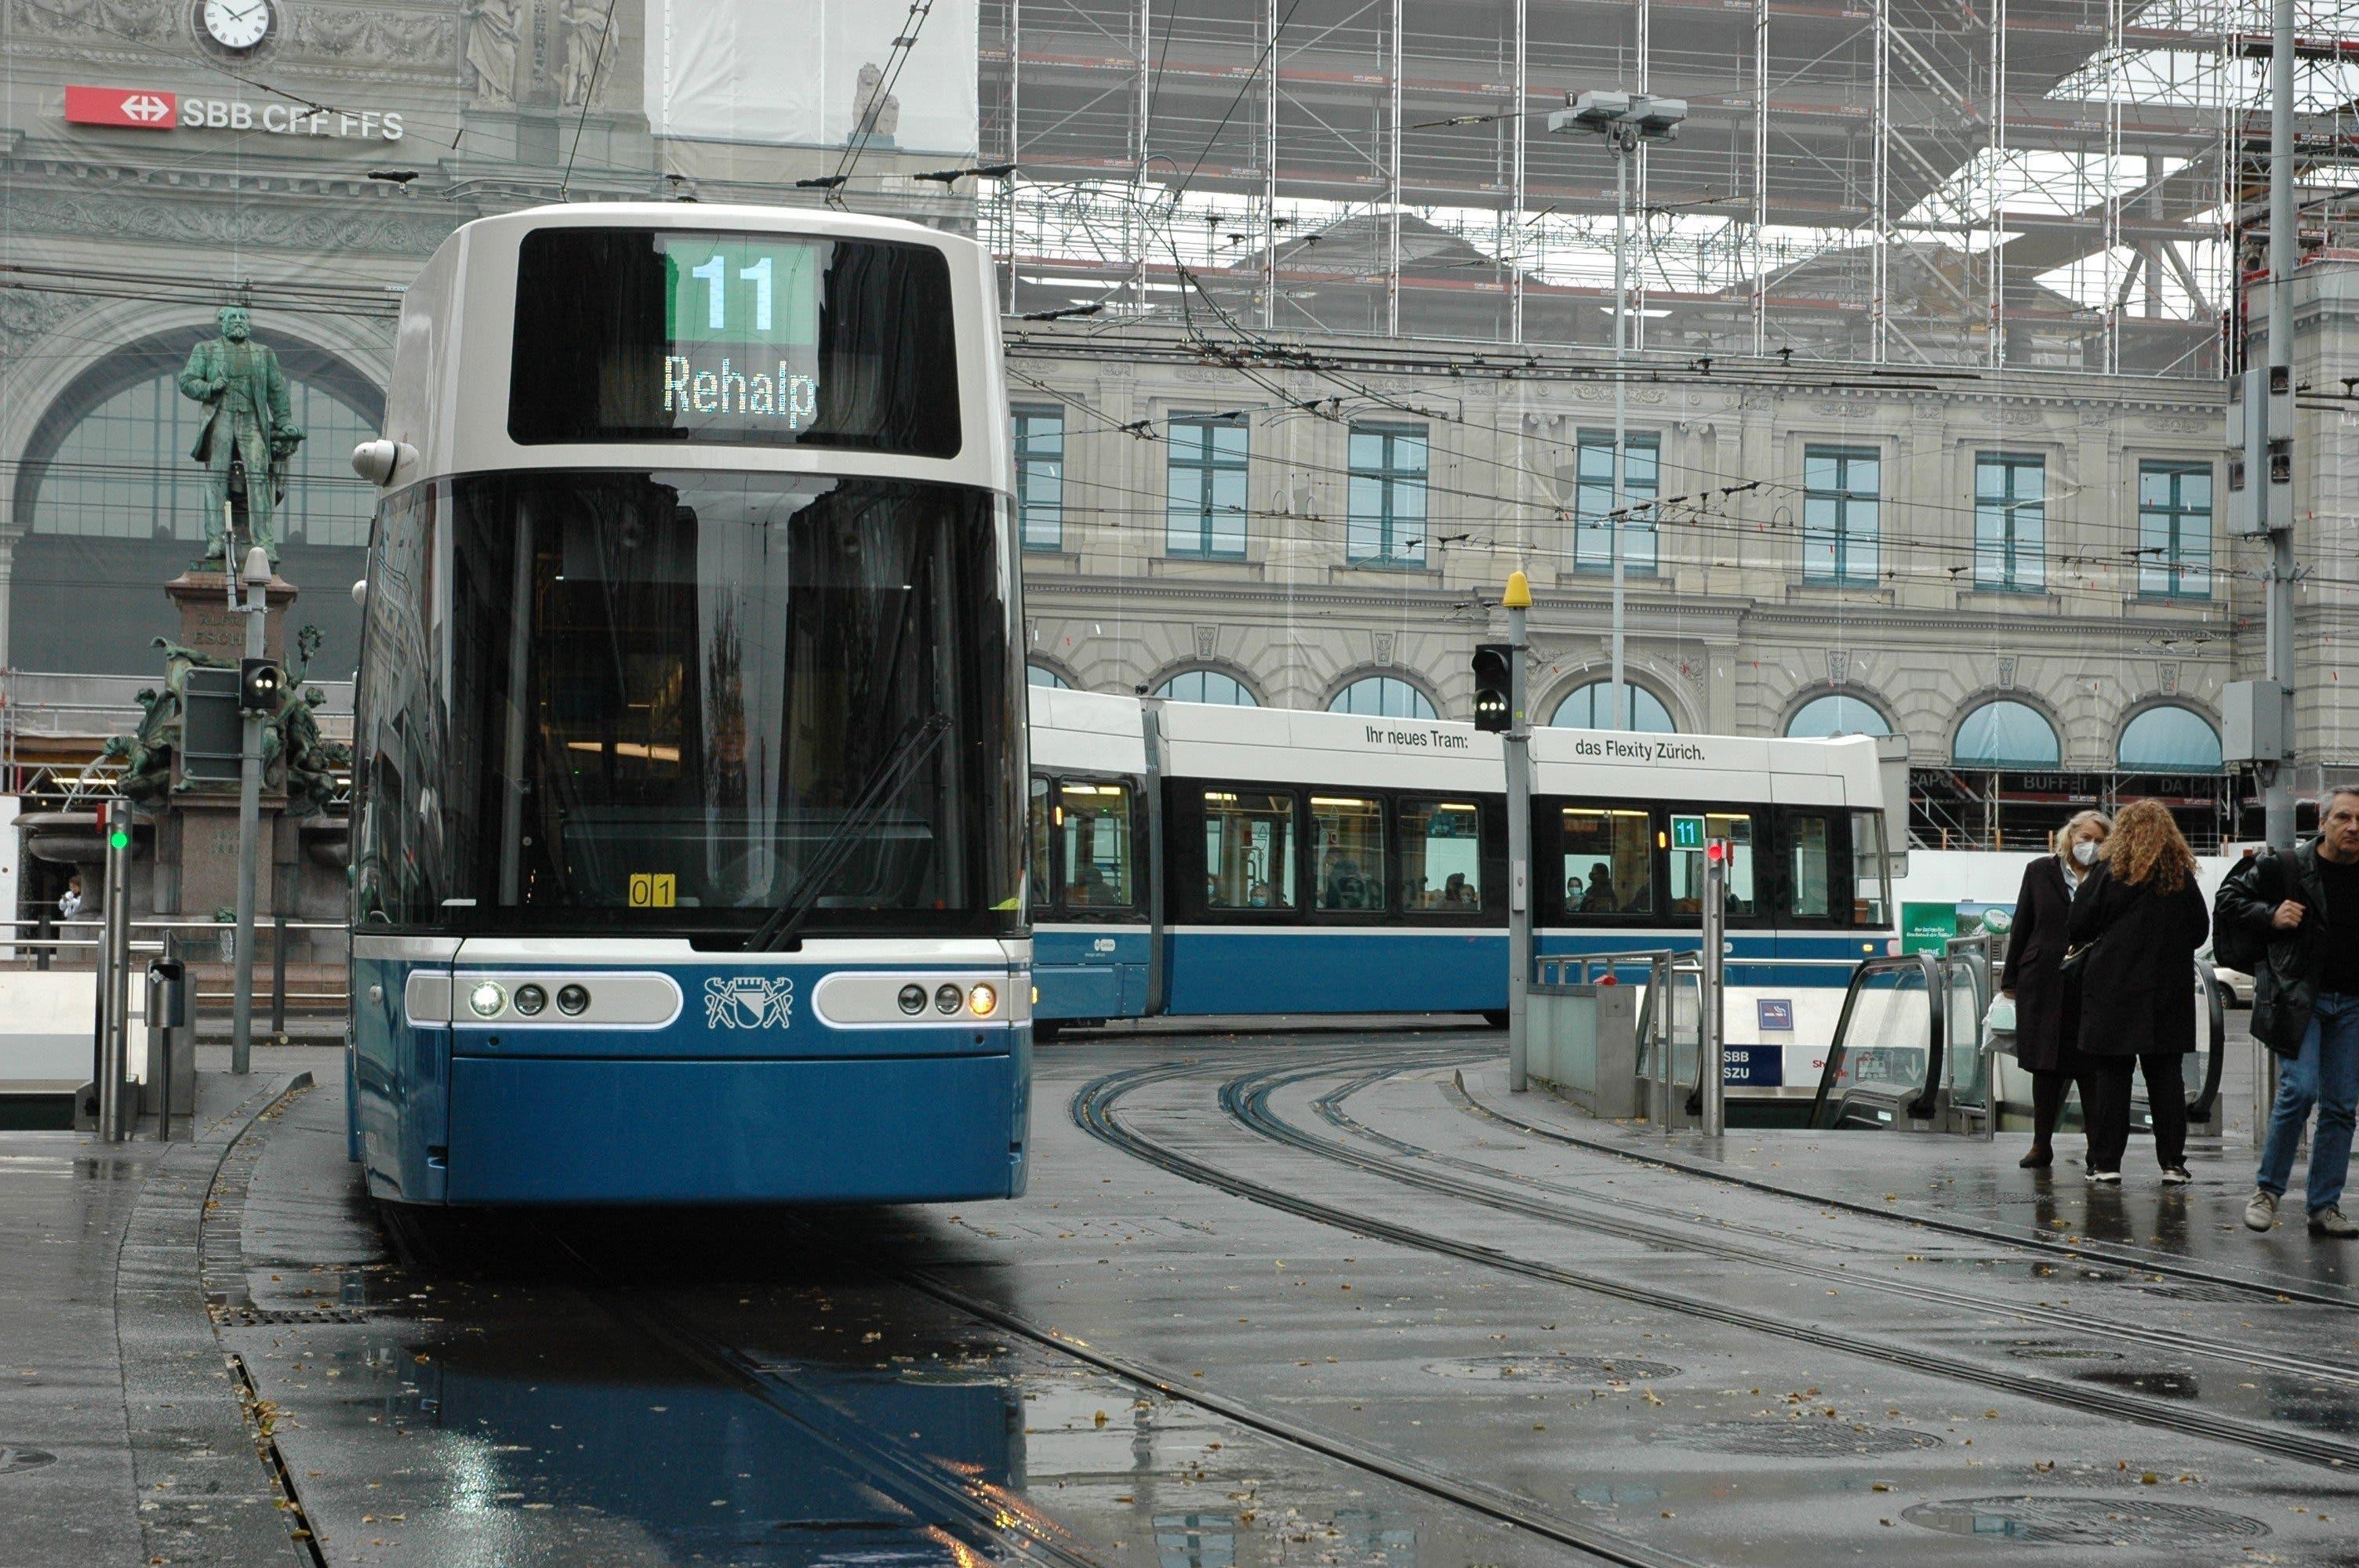 Das erste neue Tram vom Typ Flexity fährt auf der Linie 11 durch Zürich.